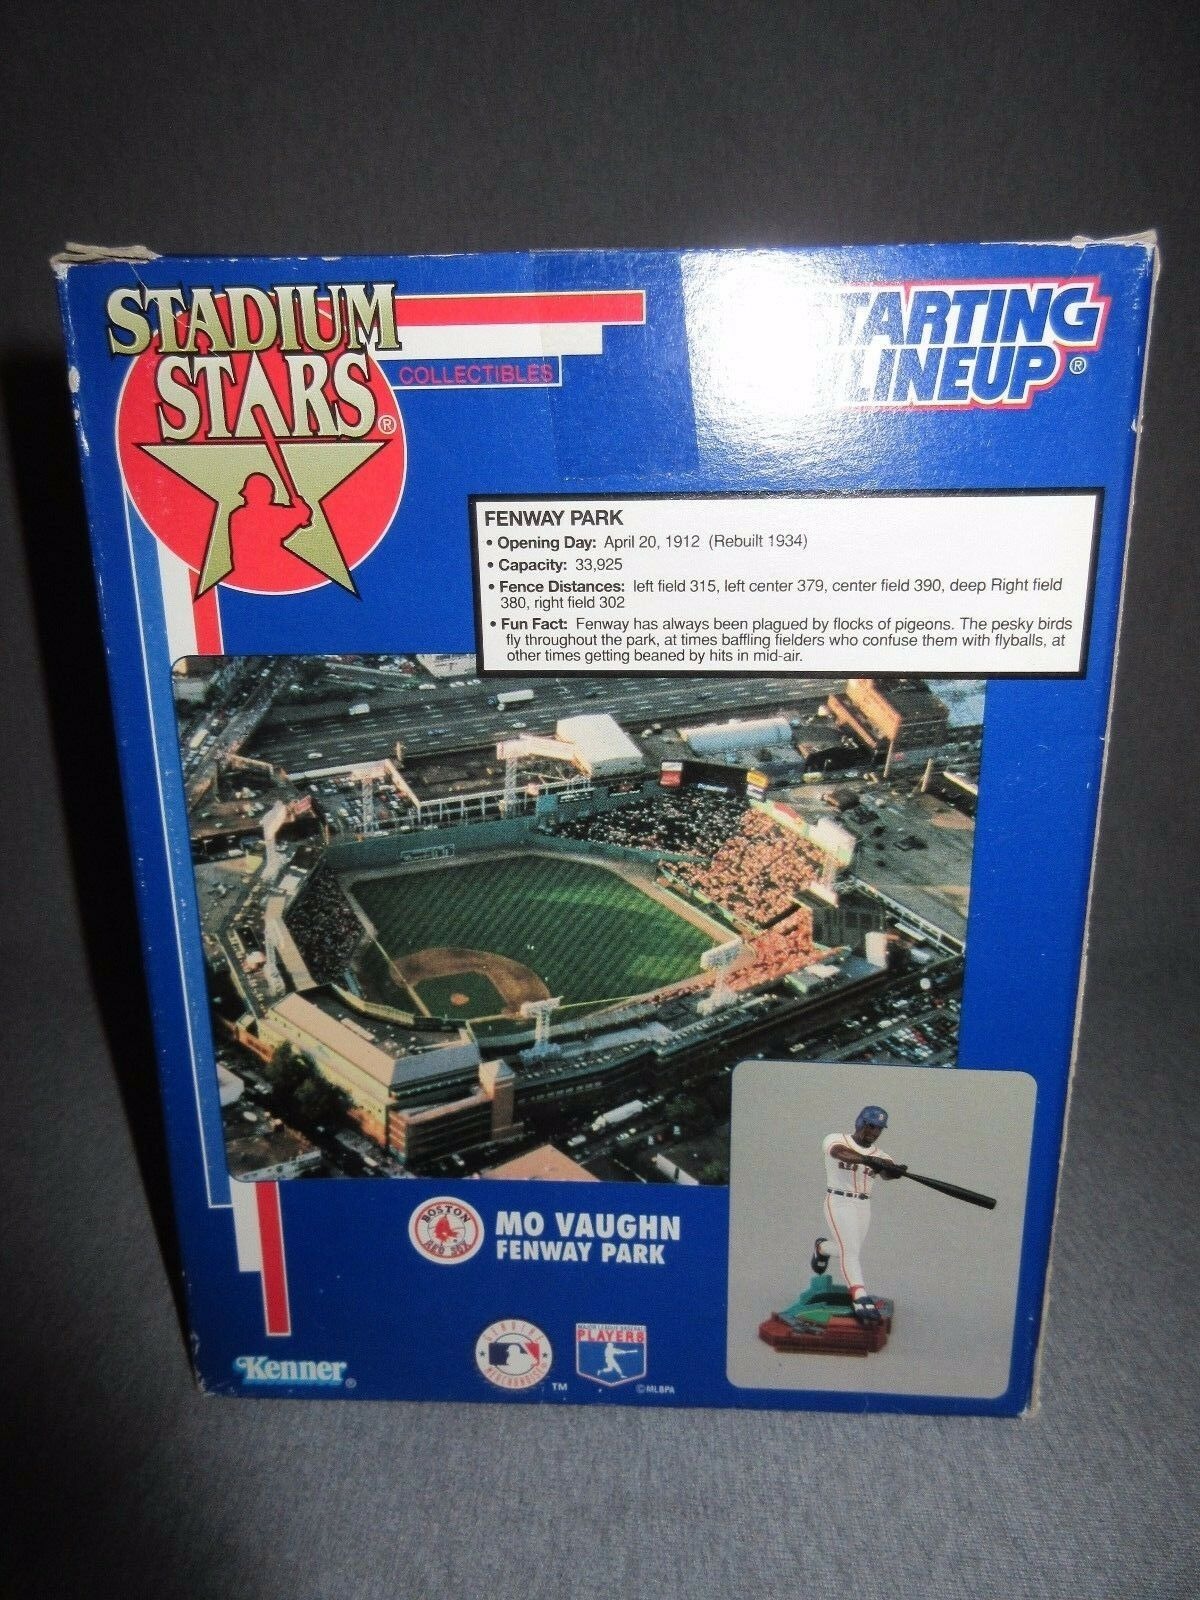 Mib stadion sterne start bis ausgabe 1995 park mo vaughn fennway park 1995  56daa1